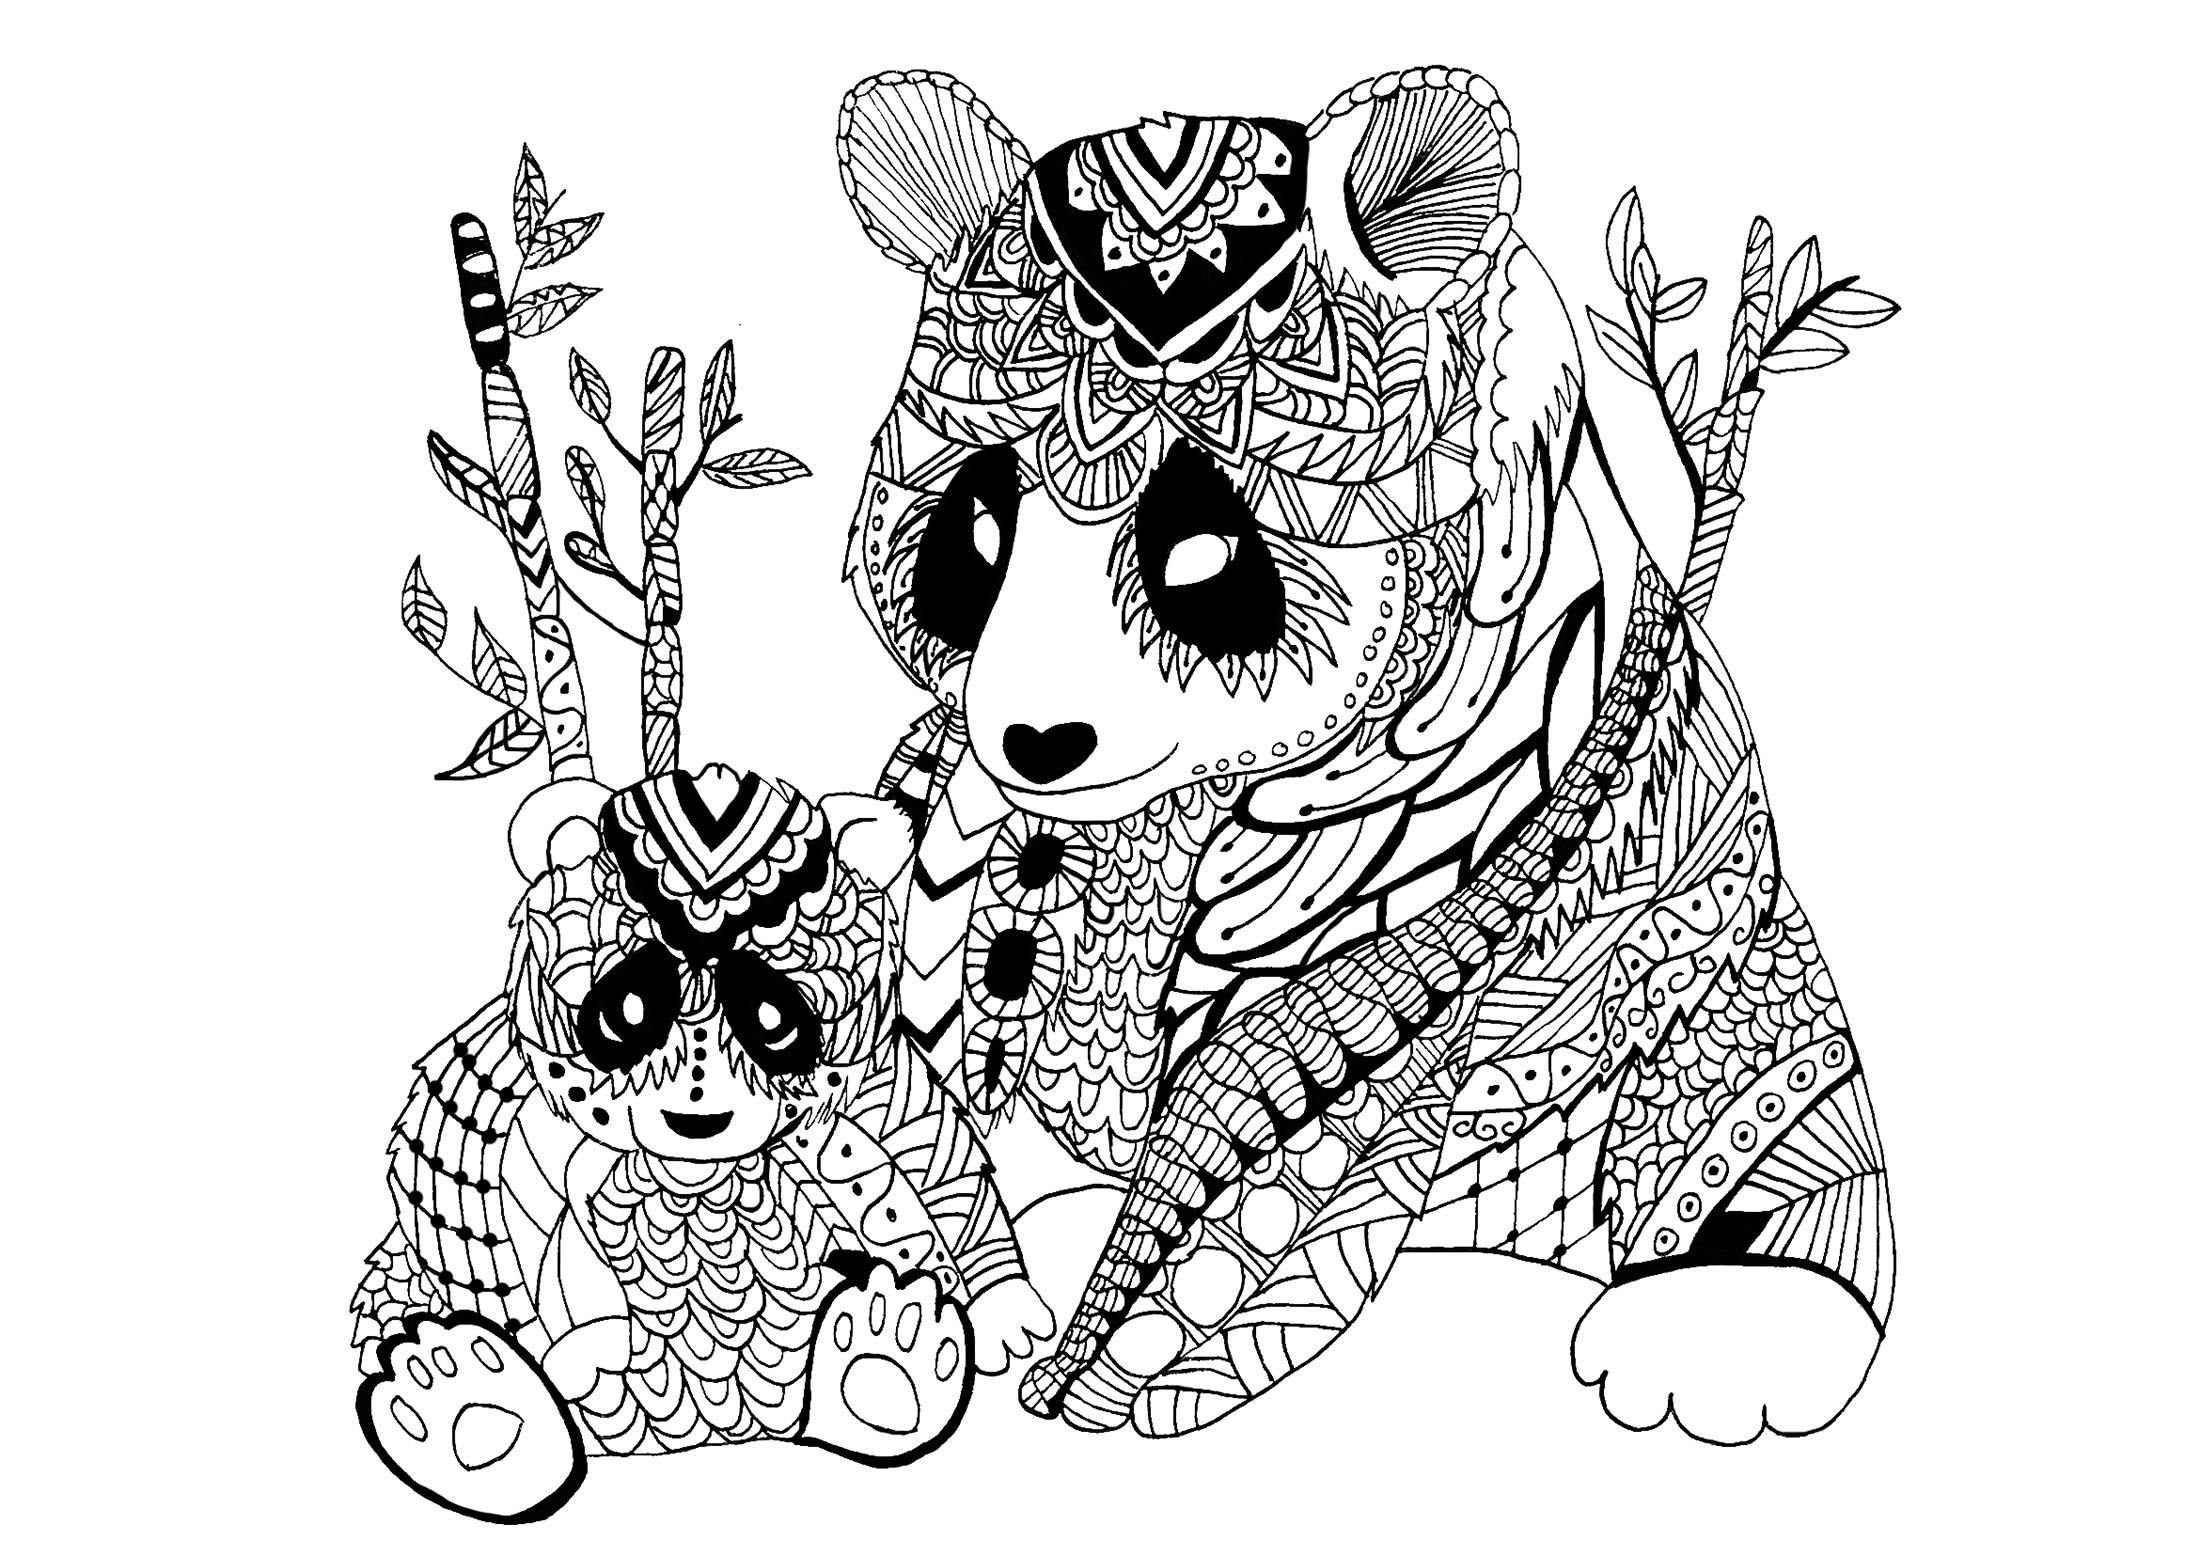 Coloriage De Panda À Imprimer Pour Enfants - Coloriage De concernant Panda À Colorier